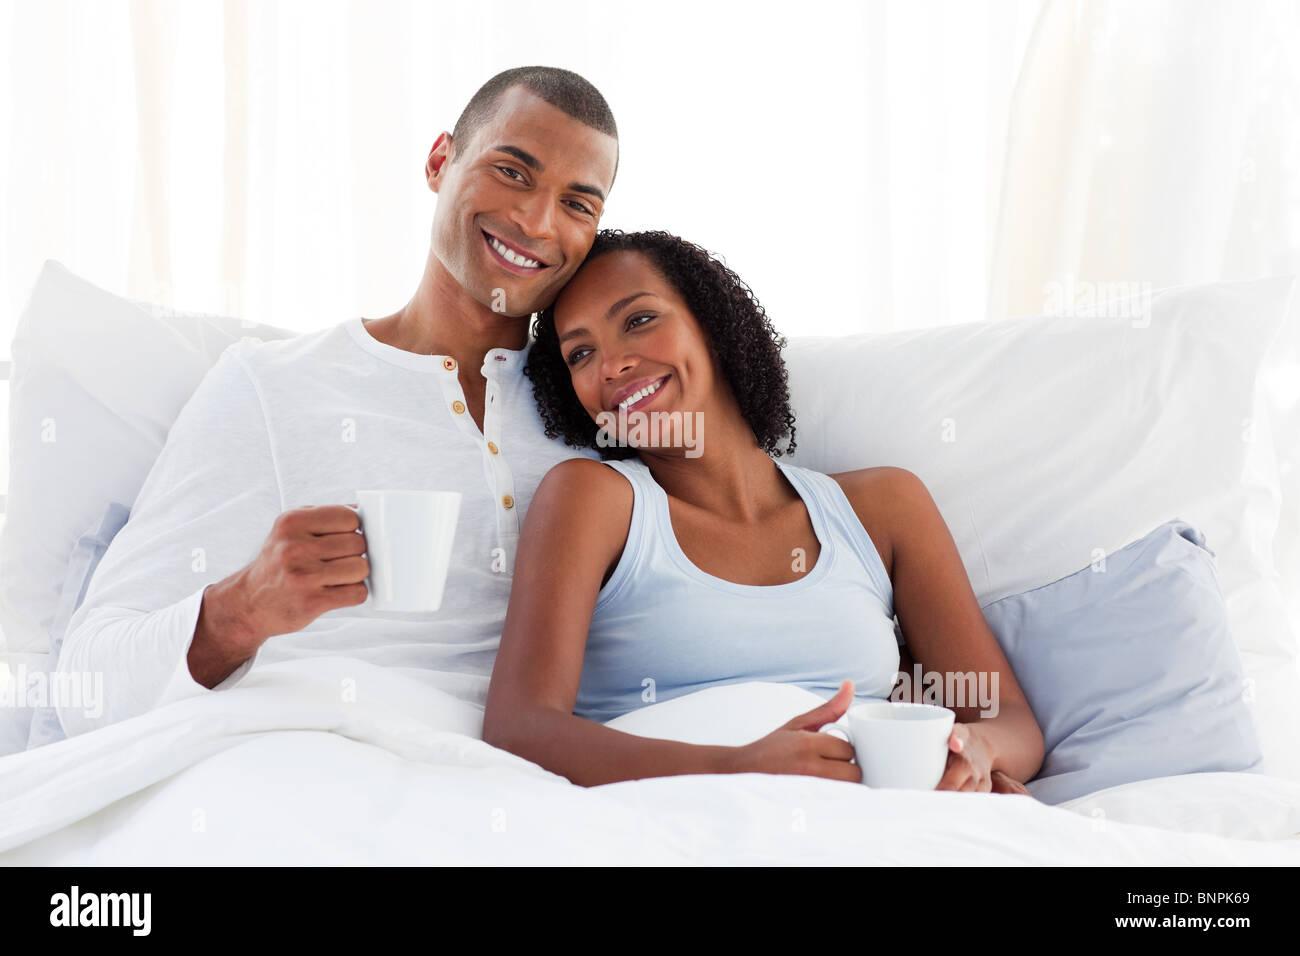 romantisch zu zweit das trinken von kaffee auf ihrem bett stockfoto bild 30616161 alamy. Black Bedroom Furniture Sets. Home Design Ideas